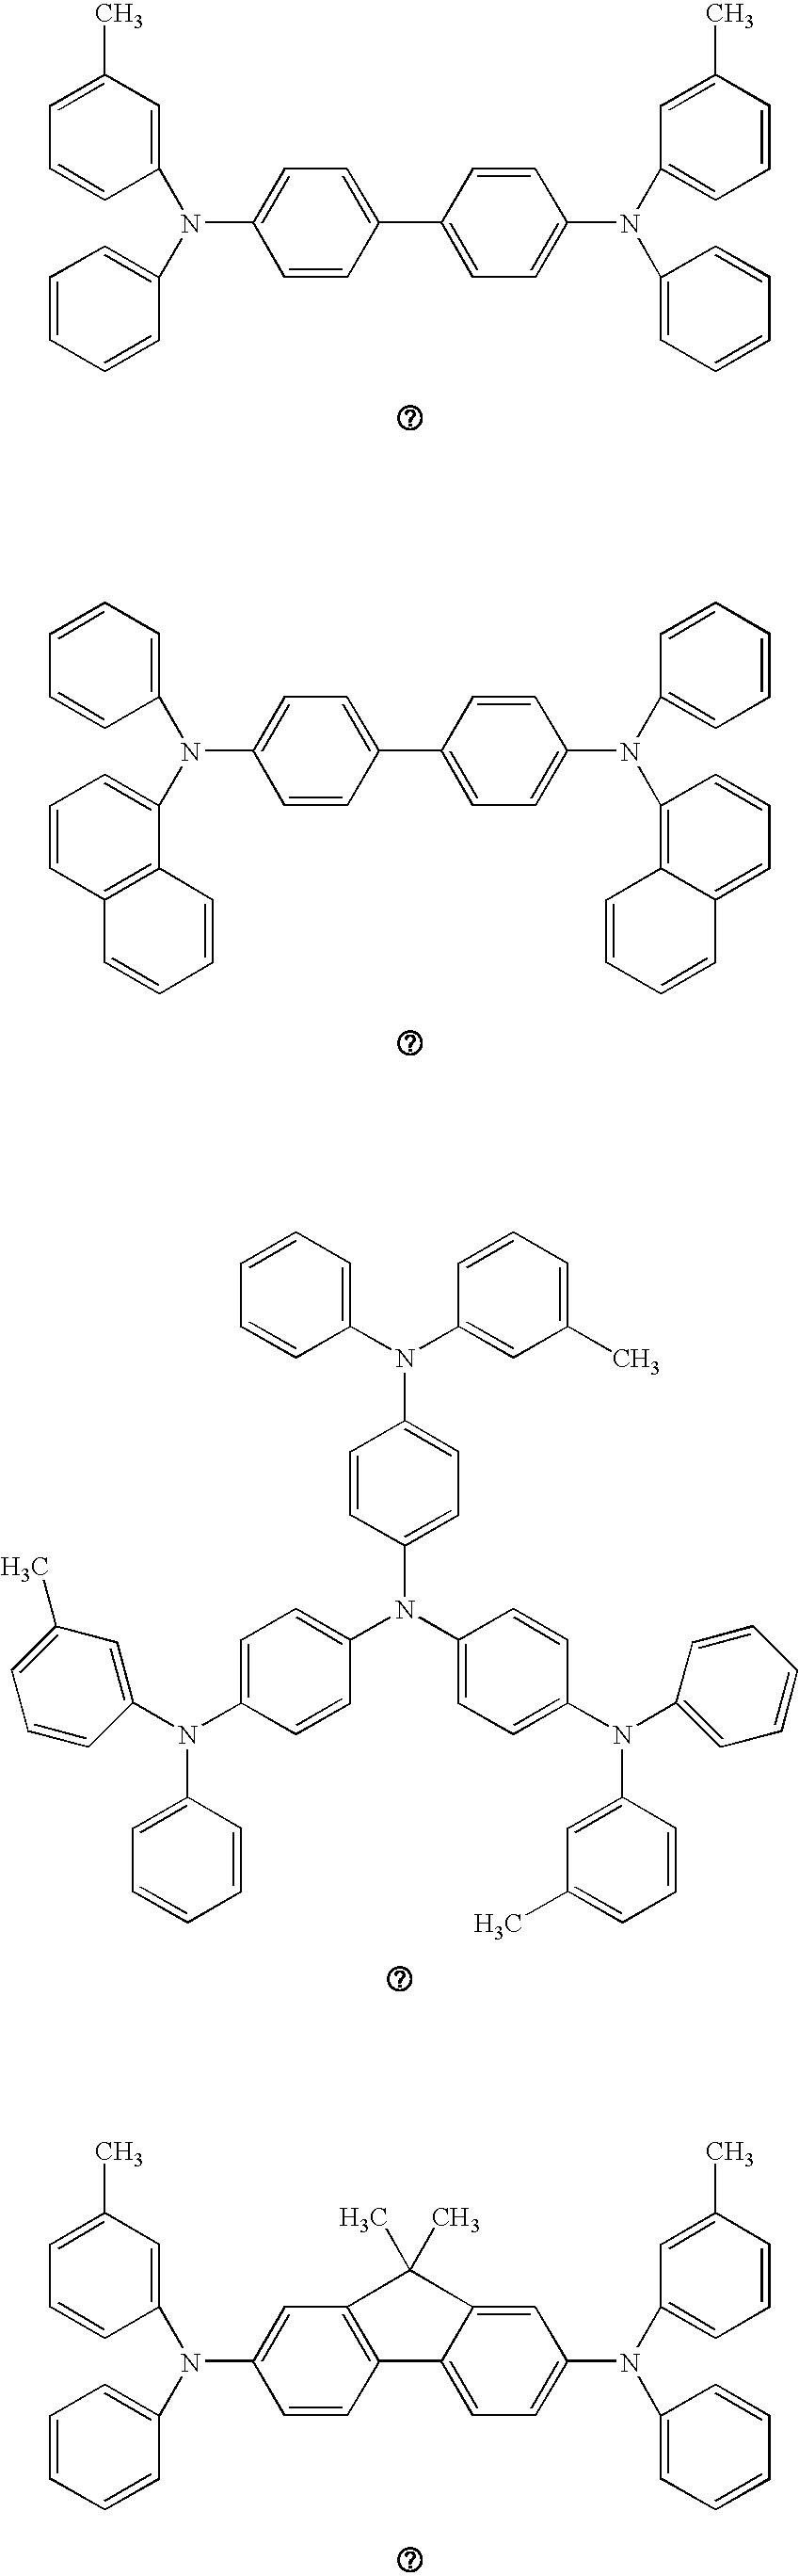 Figure US20070257609A1-20071108-C00001